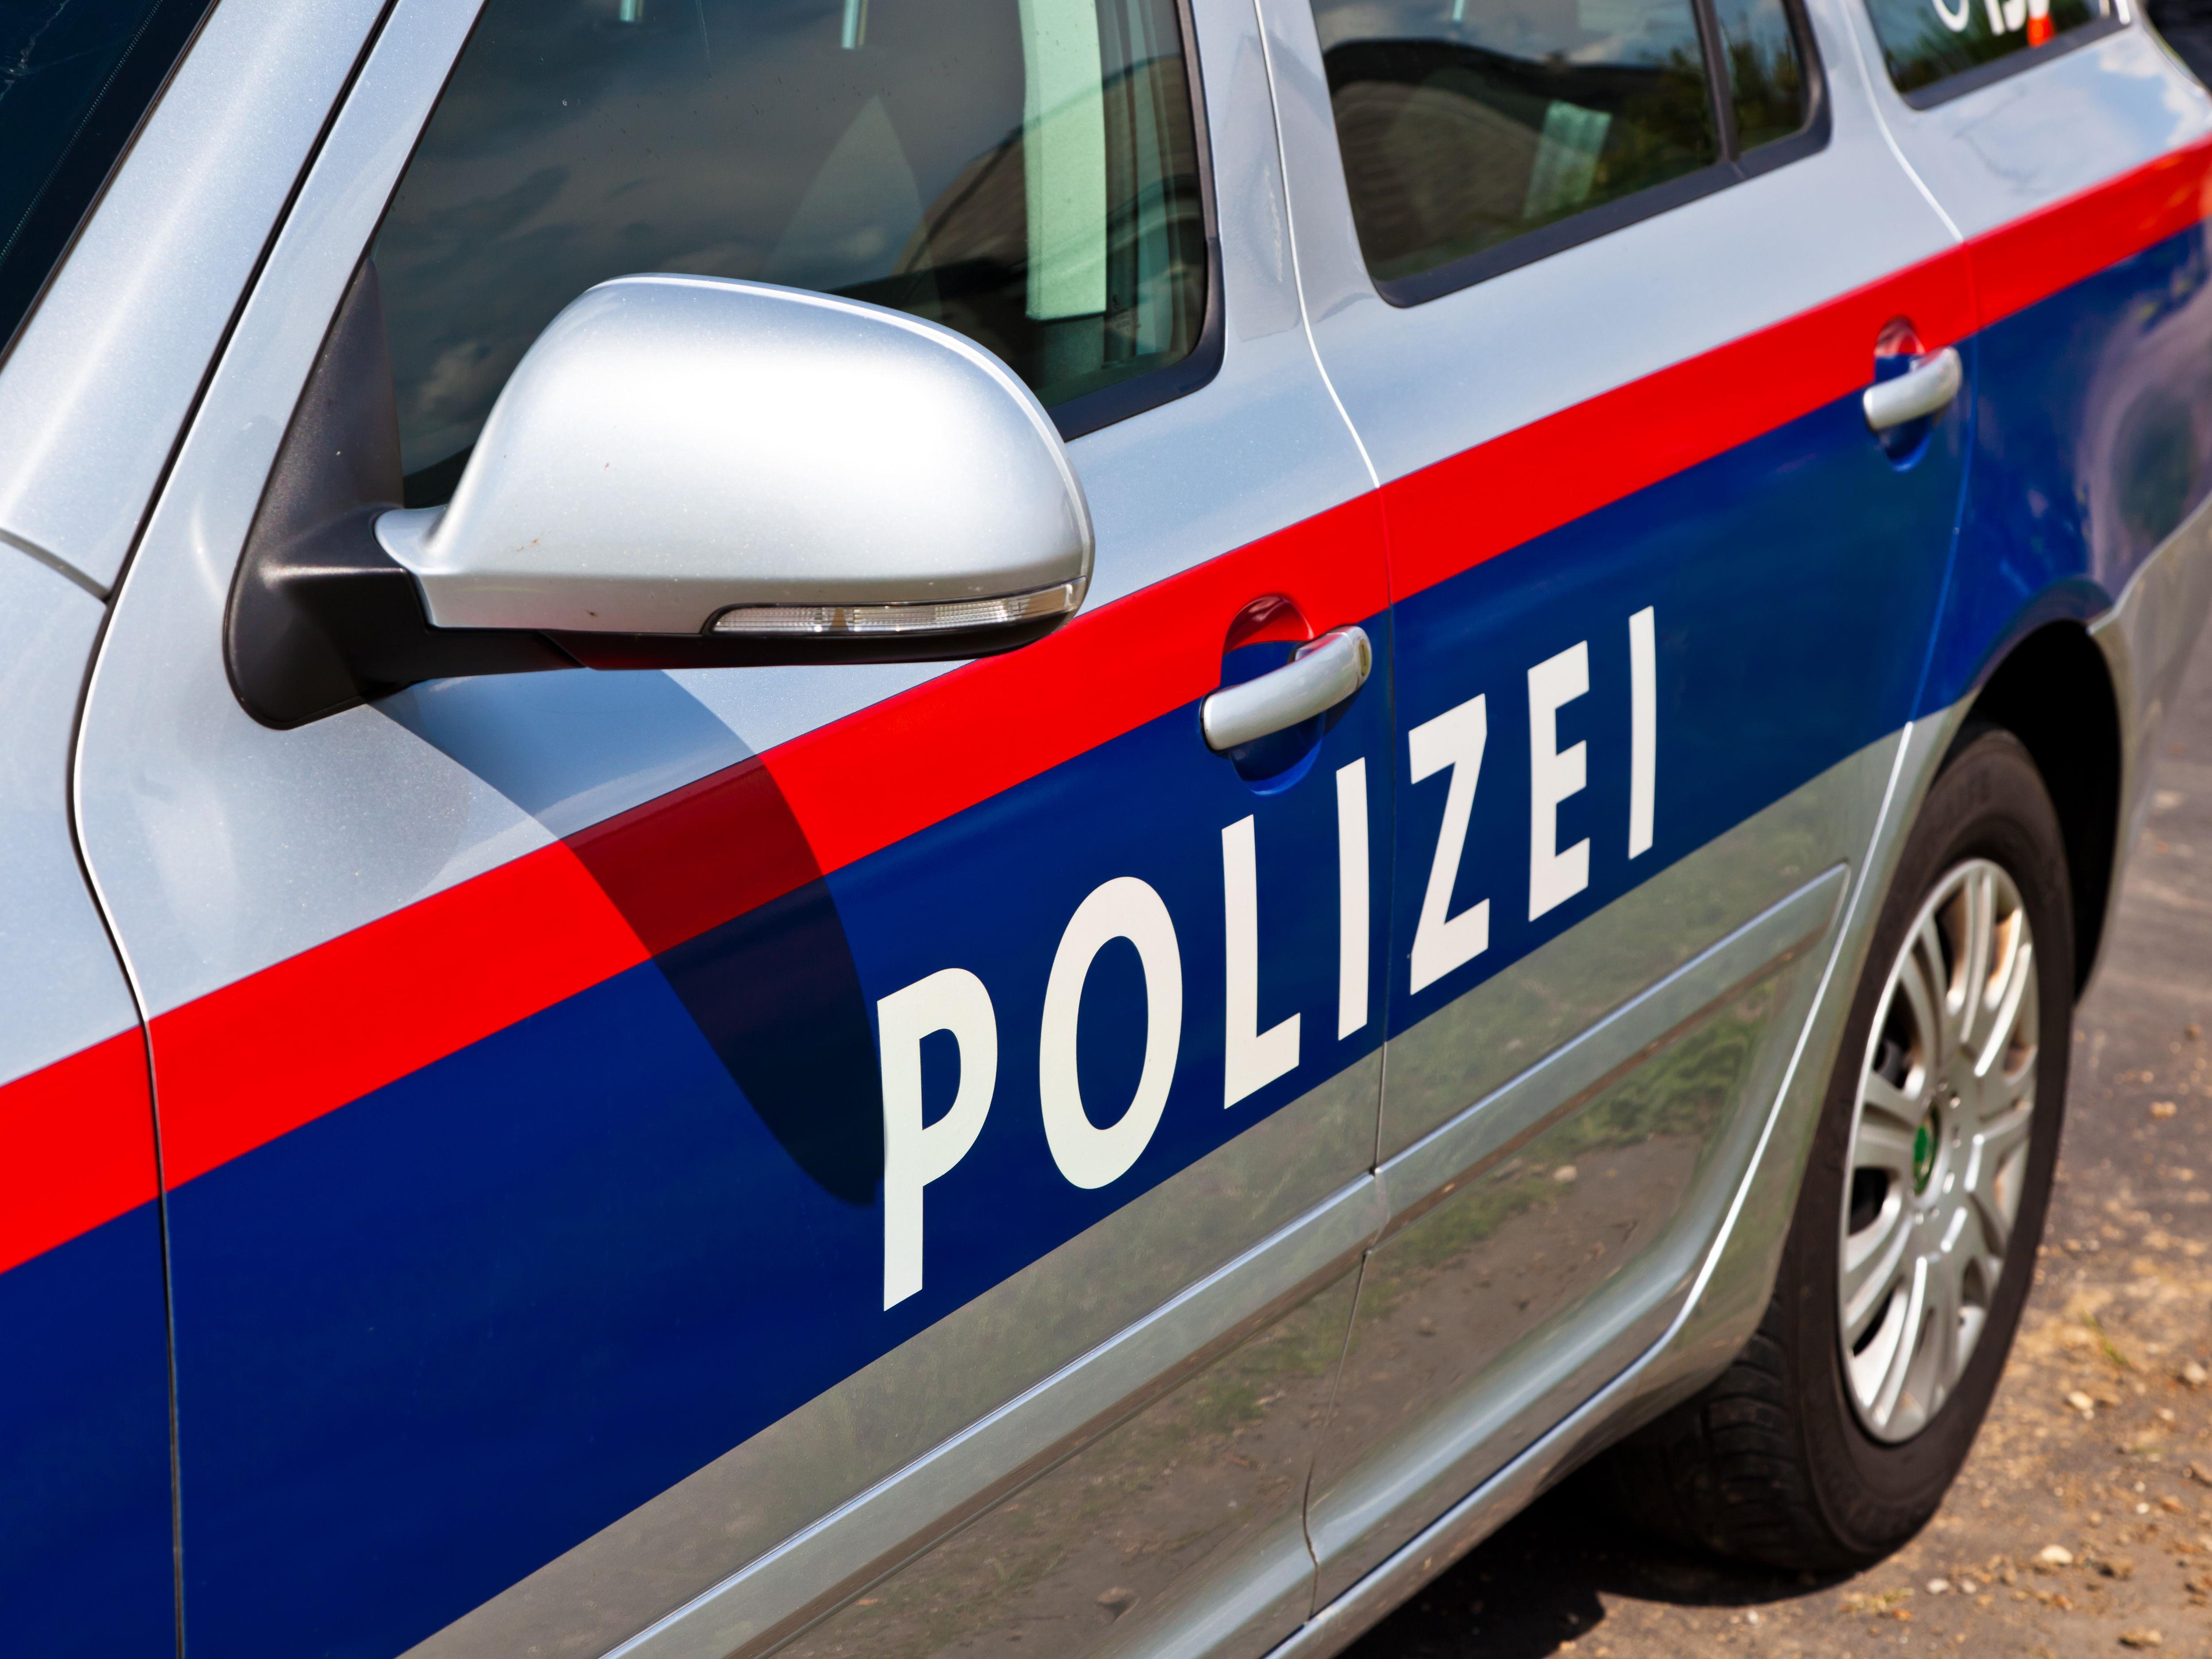 Komplett ausgerastet ist ein 33-jähriger Kunde gestern in Dornbirn.